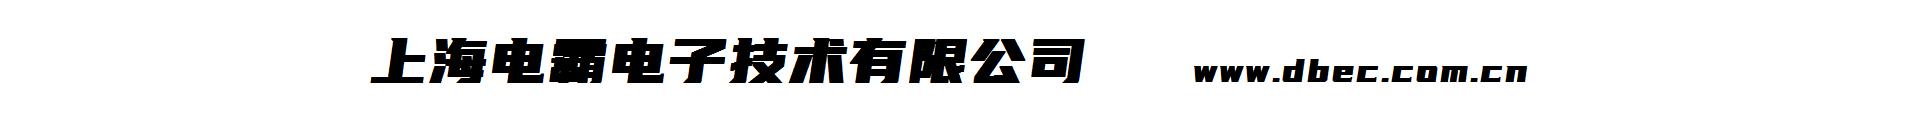 上海电霸电子技术有限公司